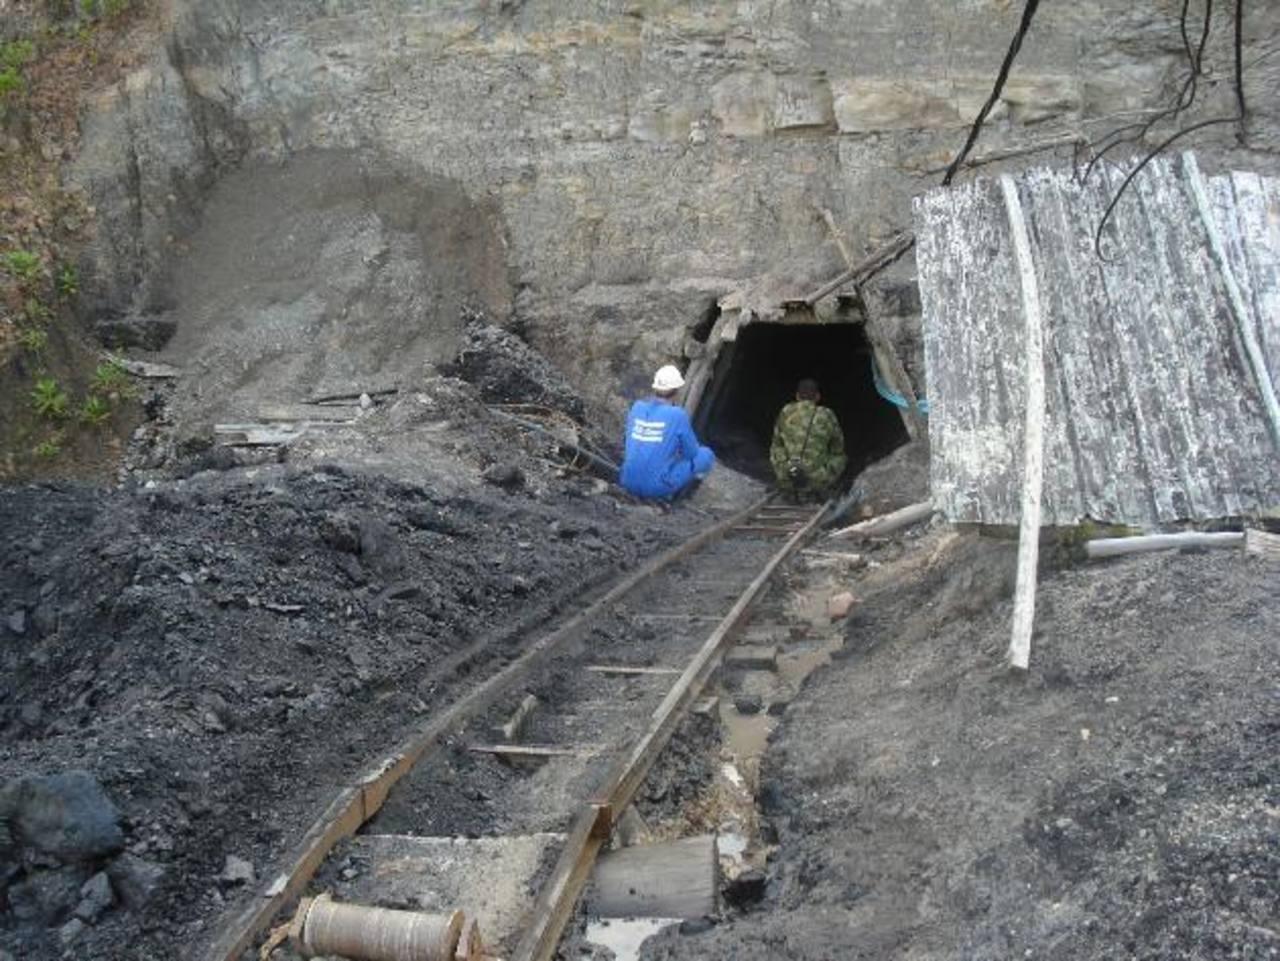 El Colombia hay minerías que operan de forma ilegal, dicen las autoridades de ese país. foto edh / archivo